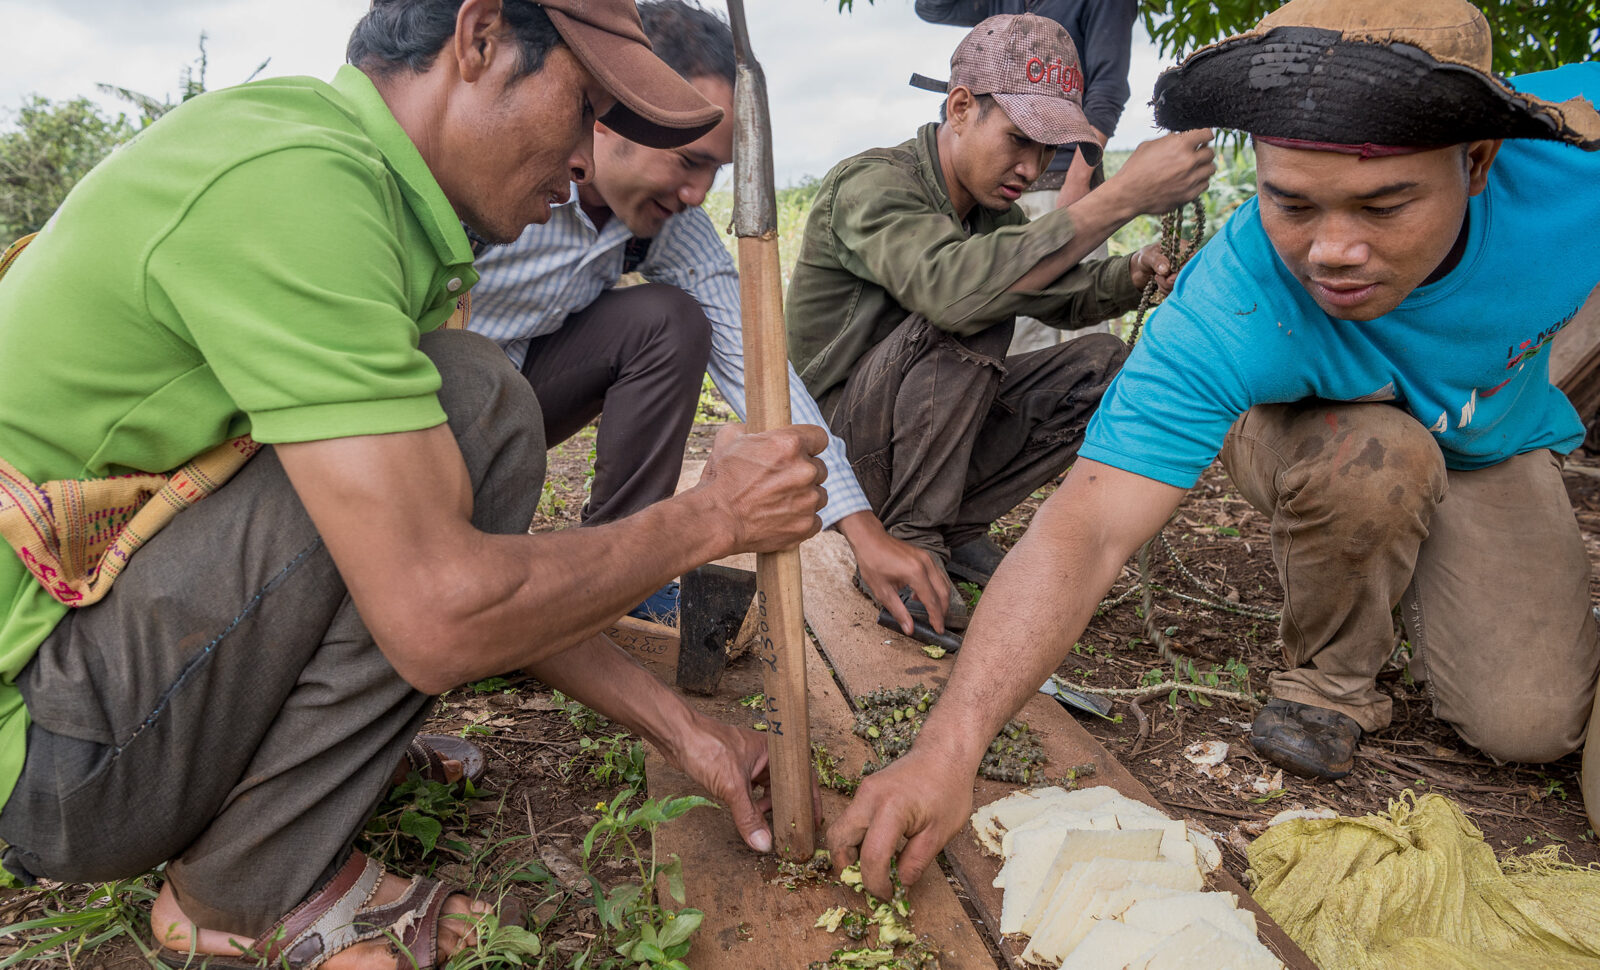 BIPA lehrt, biologischen Dünger herzustellen. Dorfgemeinschaft bewirtschaftet gemeinsam ein Pfefferfeld mit 600 Pfefferstangen.